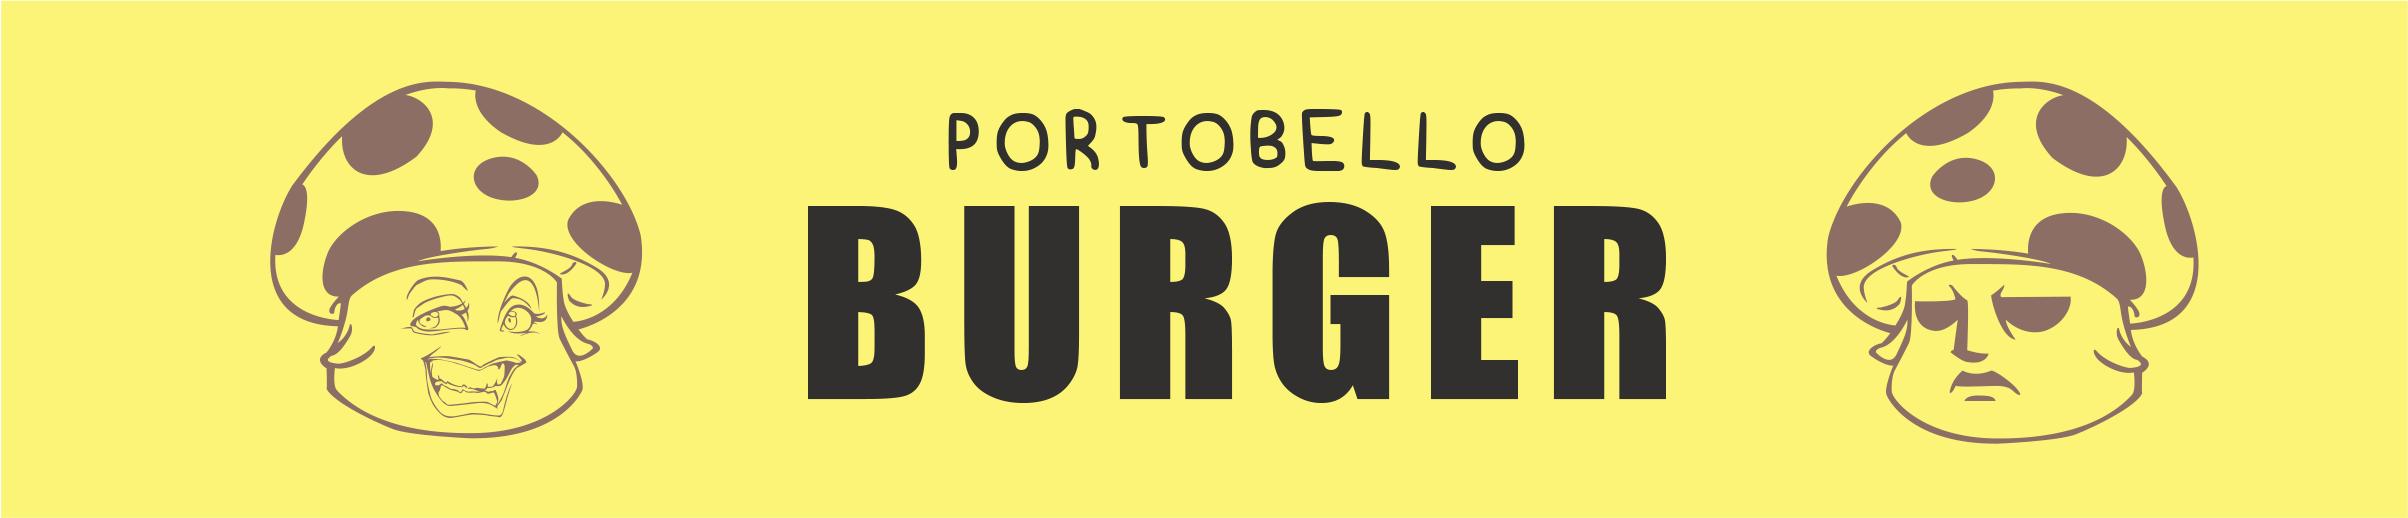 WEB-Portobello-Burger.png